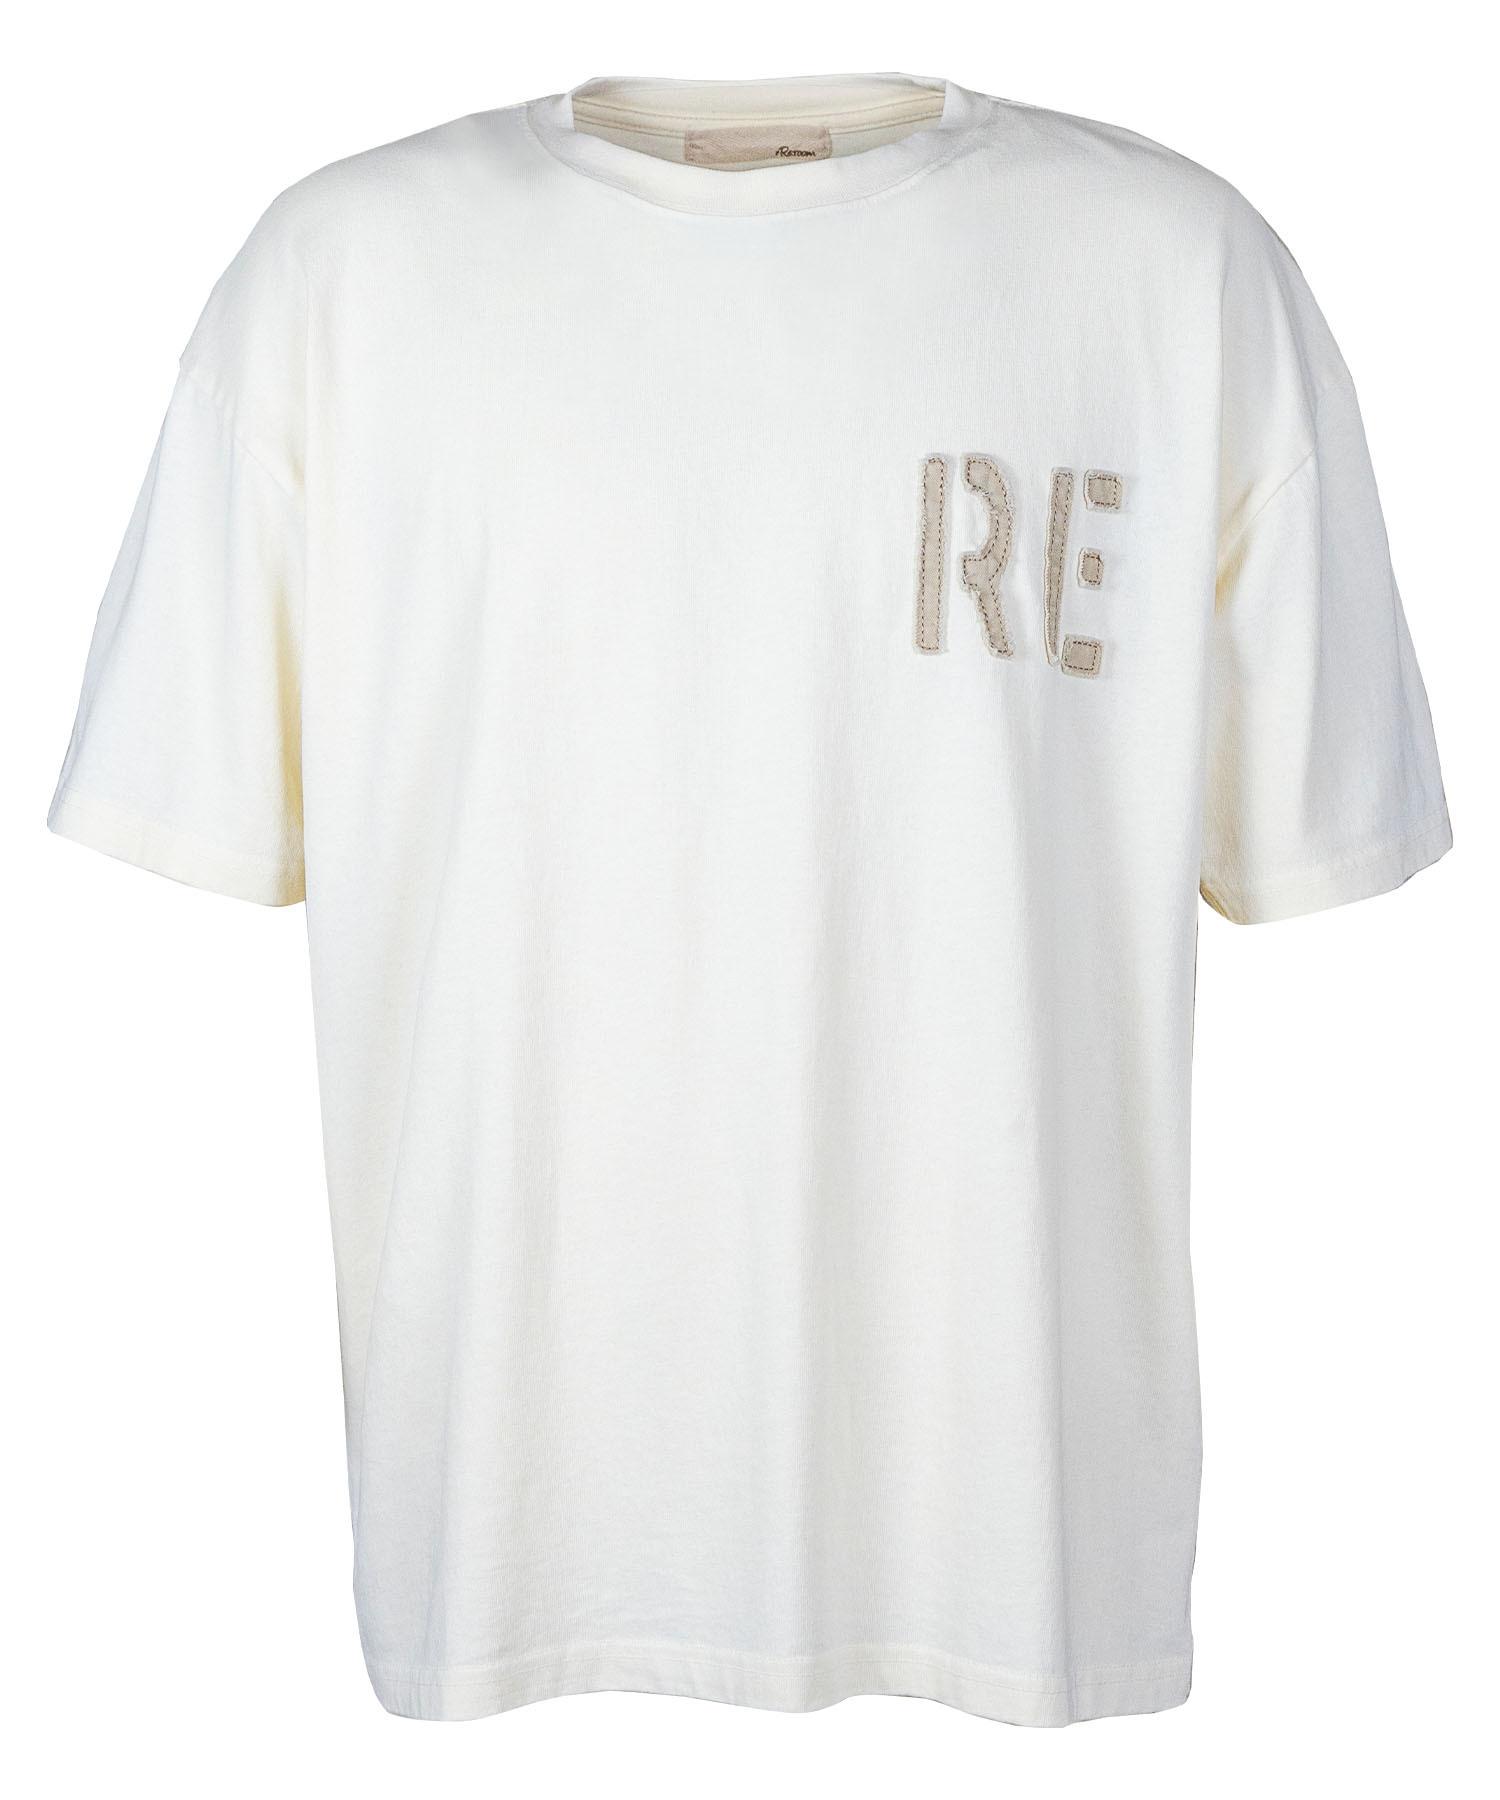 VINTAGE TWILL WAPPEN LOGO BIG T-shirt[REC497]